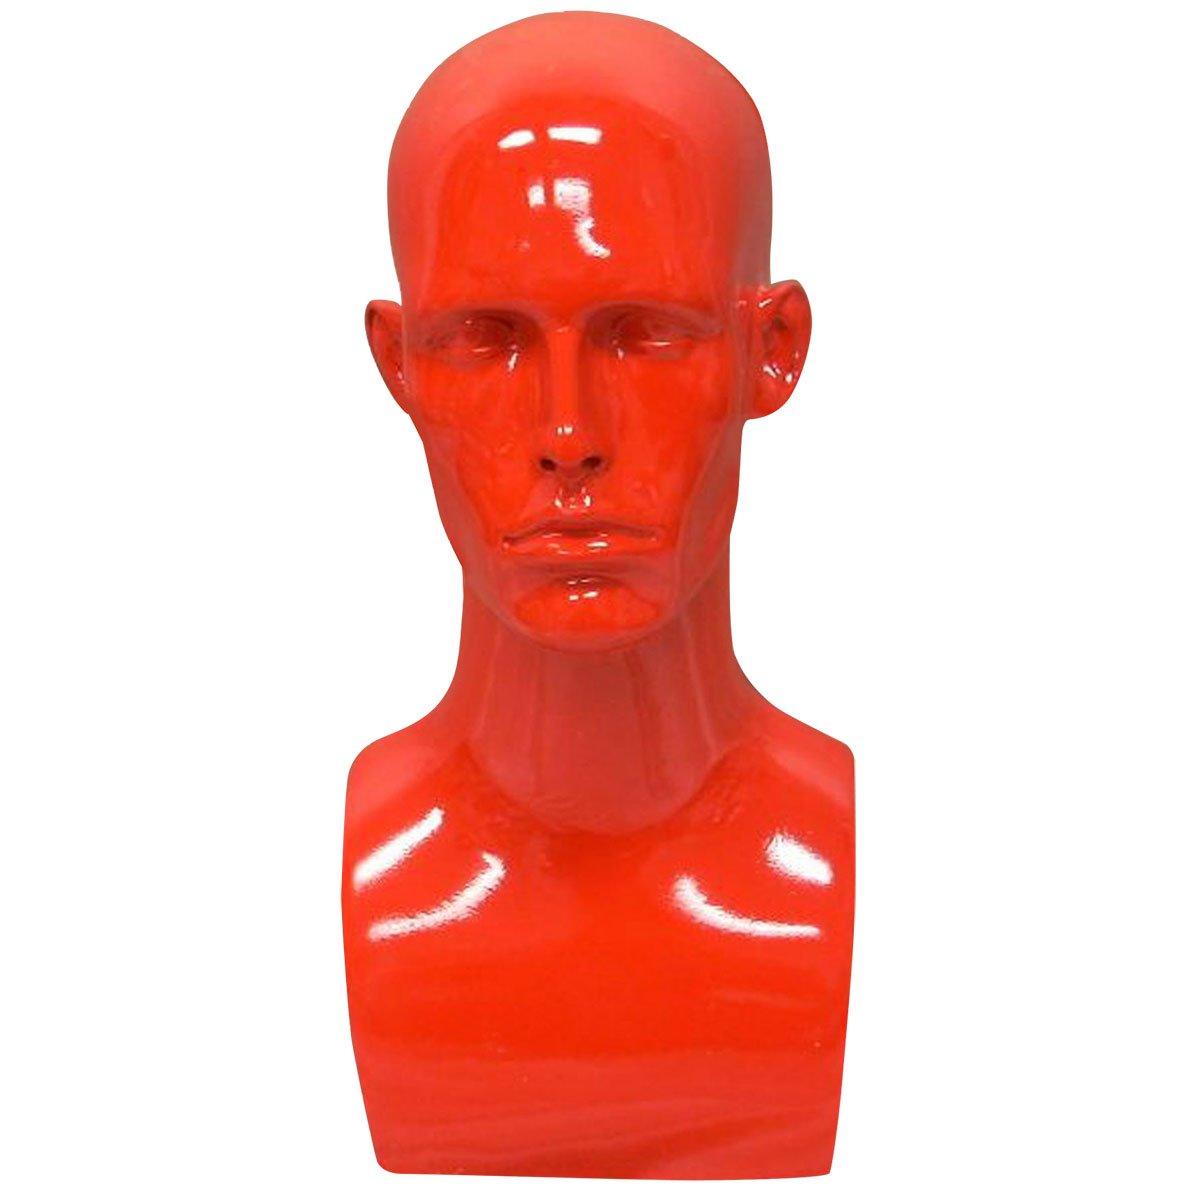 Male-Mannequin-Head EraRed